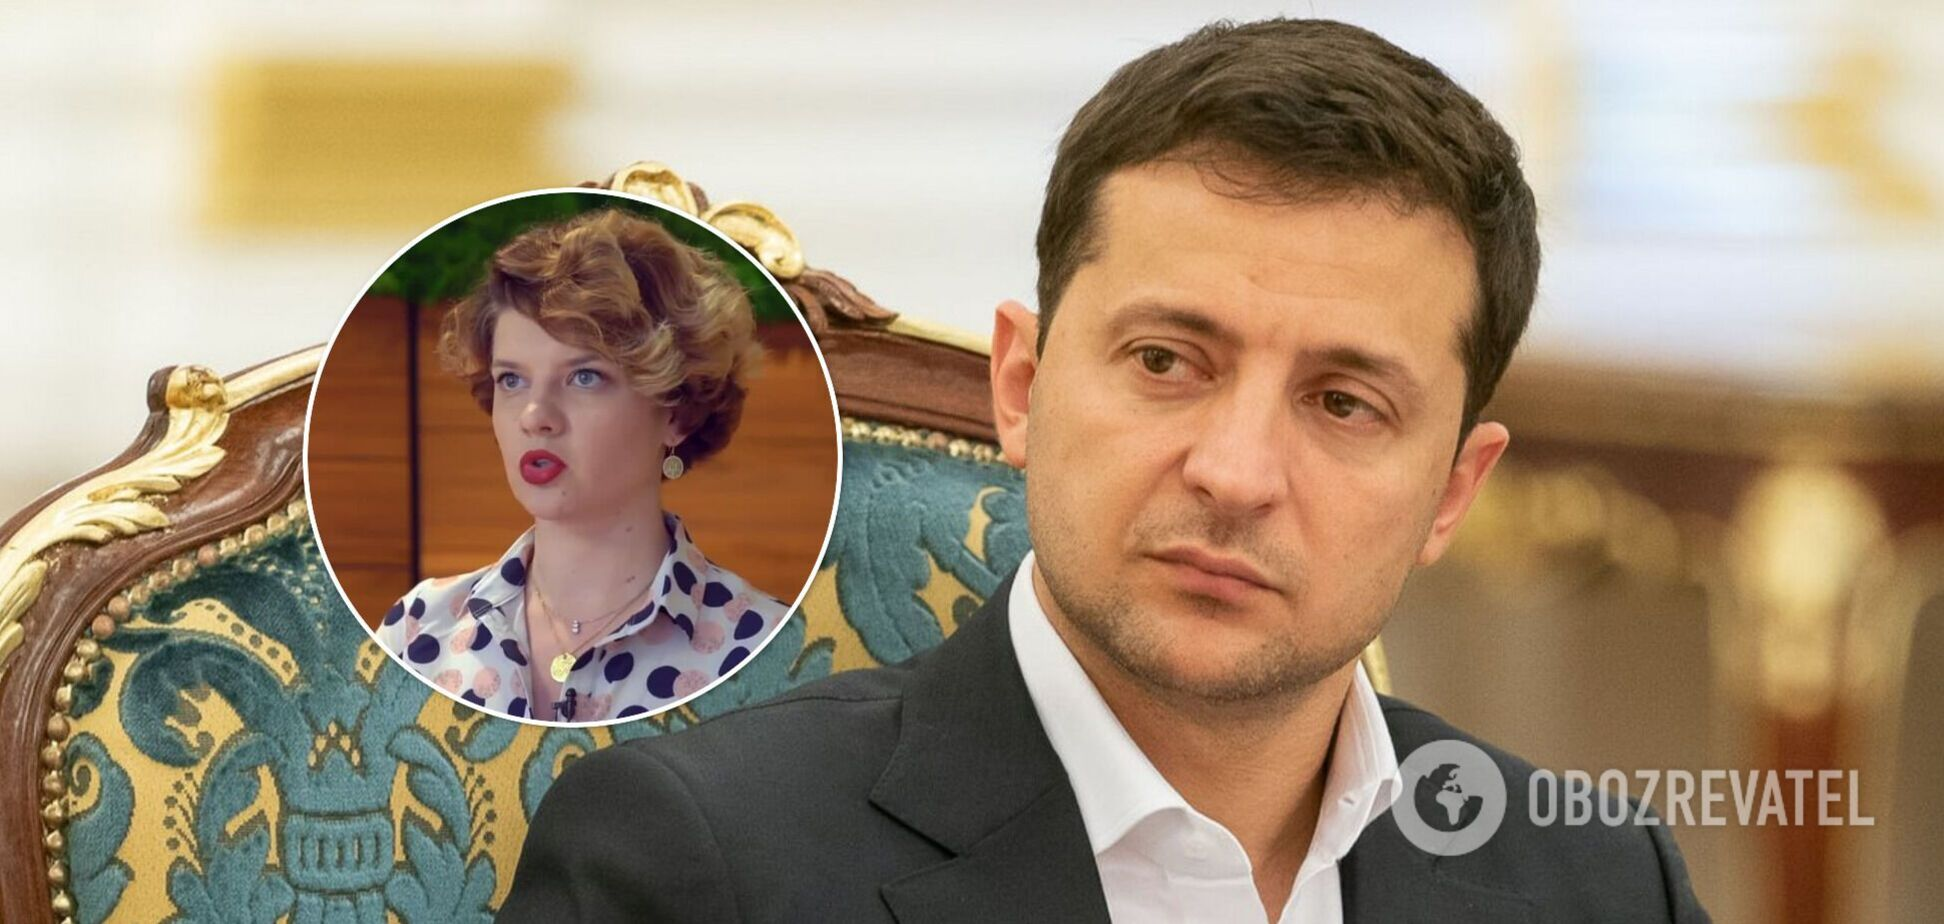 Зеленский назначил главу Центра противодействия дезинформации: что о ней известно